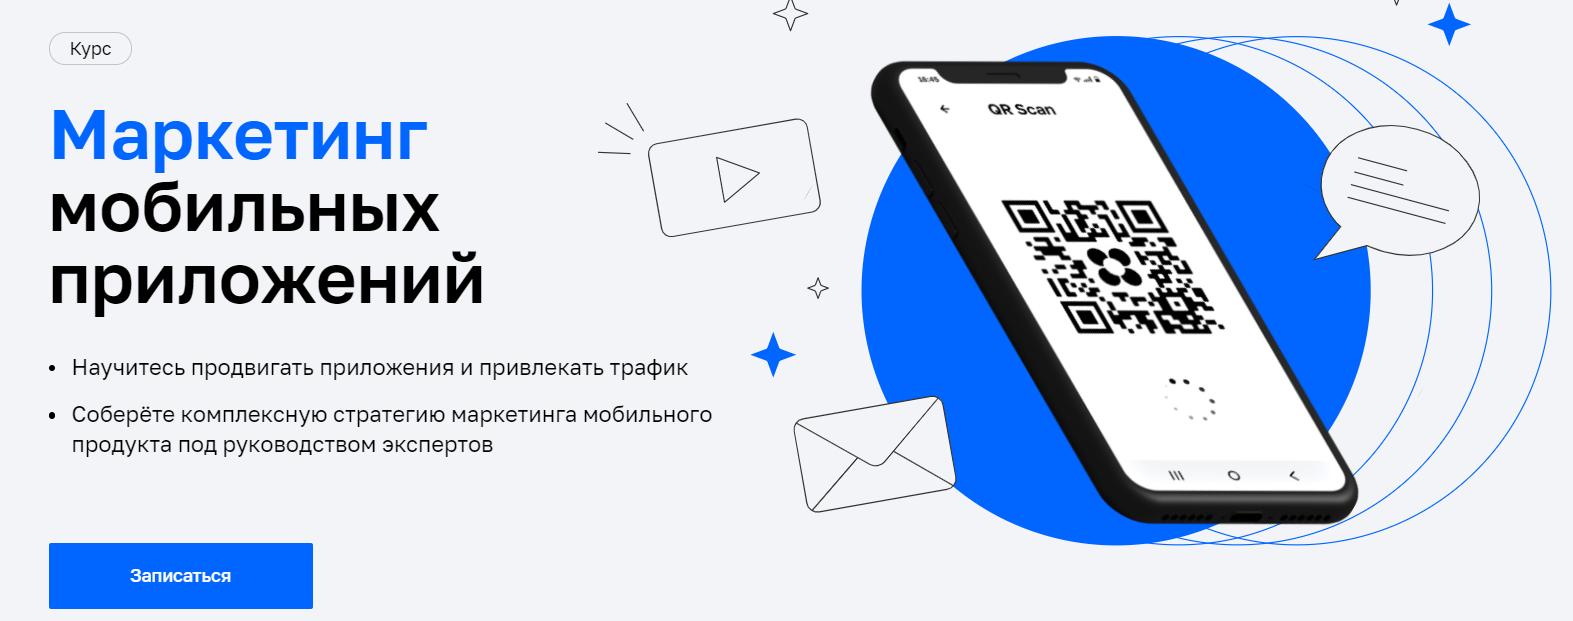 Записаться на курс «Маркетинг мобильных приложений » от Нетологии